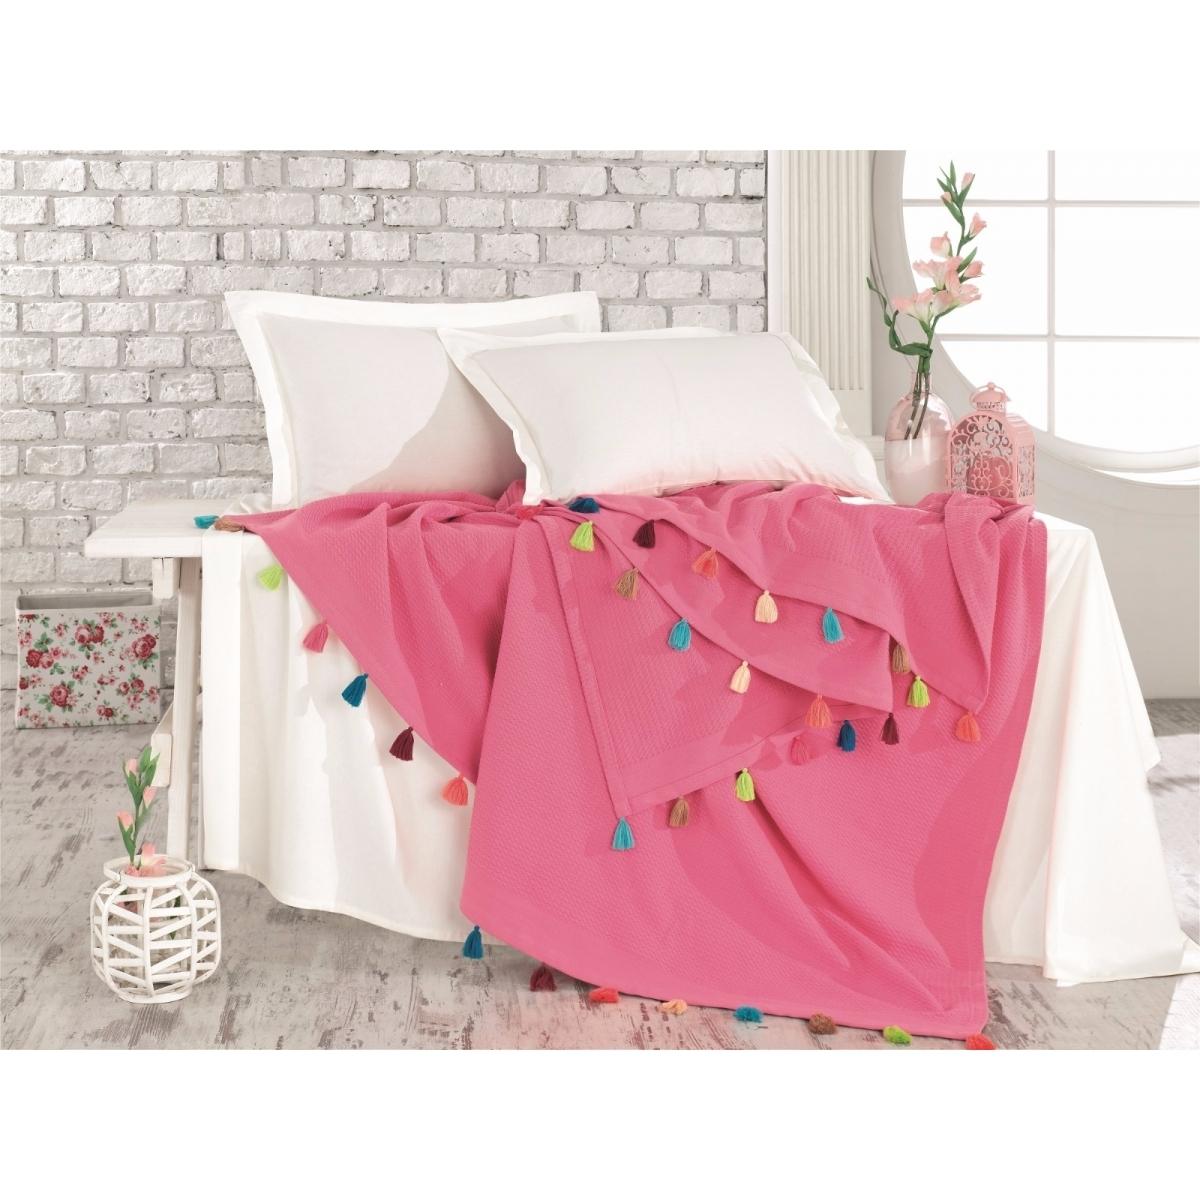 Patura din bumbac Pop-Art P3 Pink 220 x 240 cm